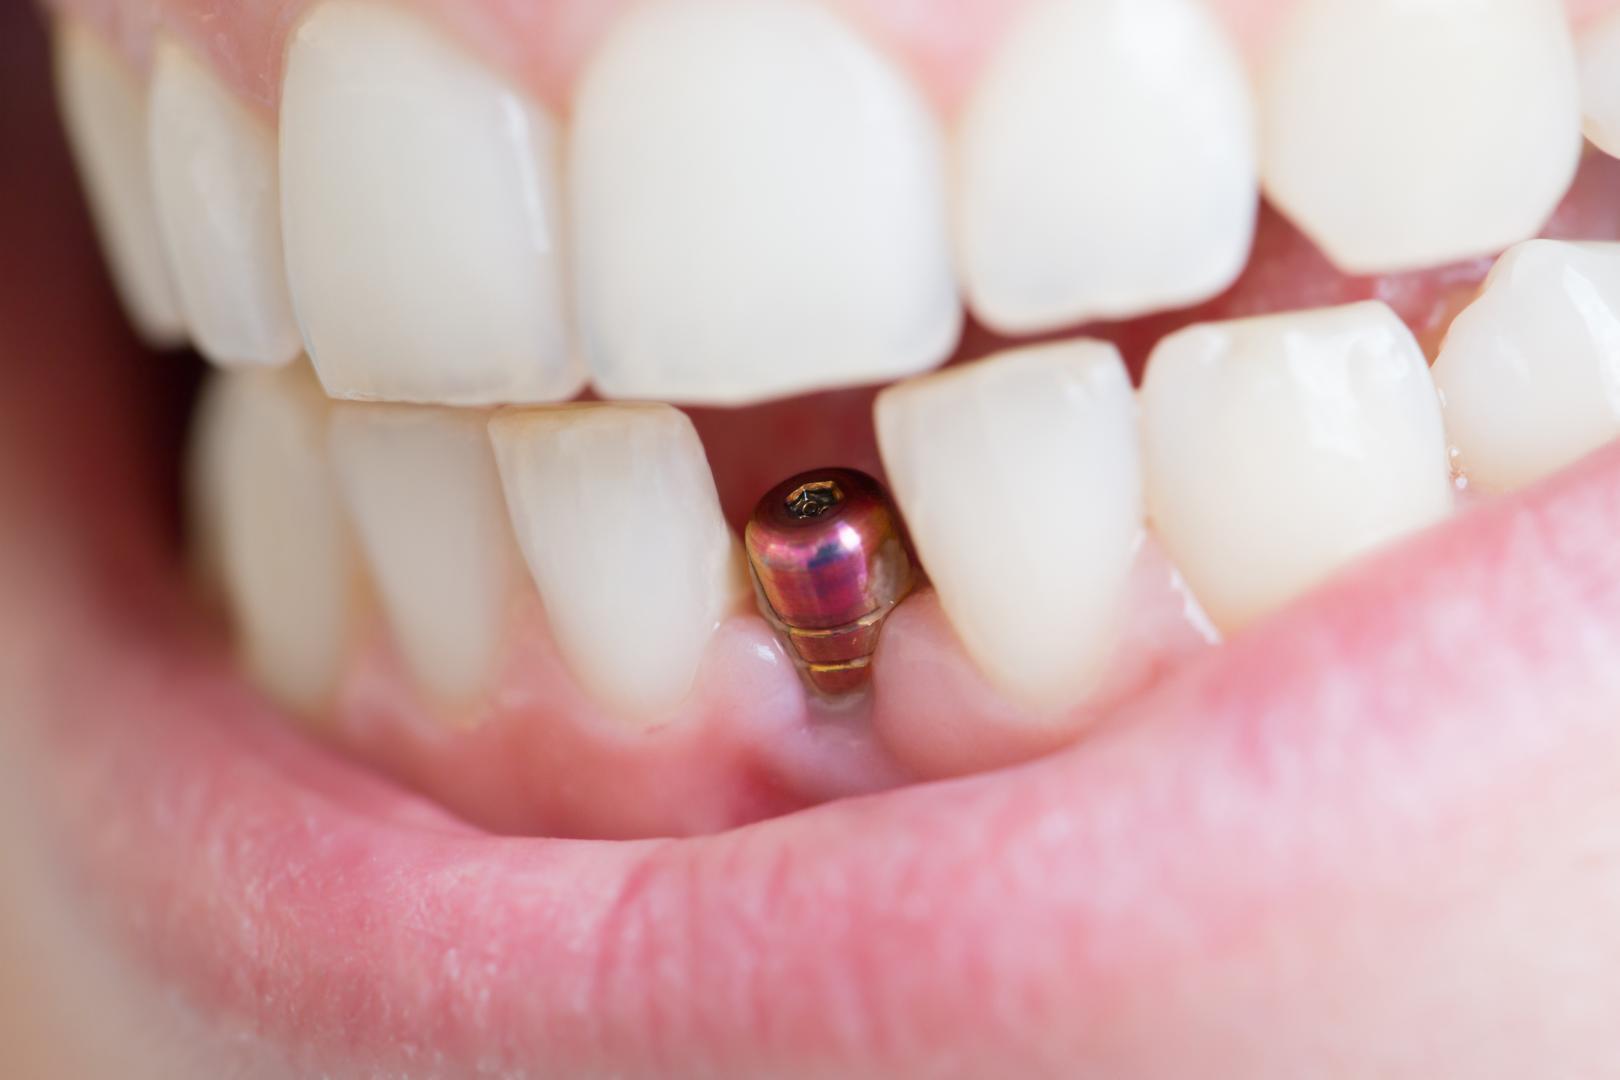 Implant dentaire : peut-on en poser plusieurs au même temps ?